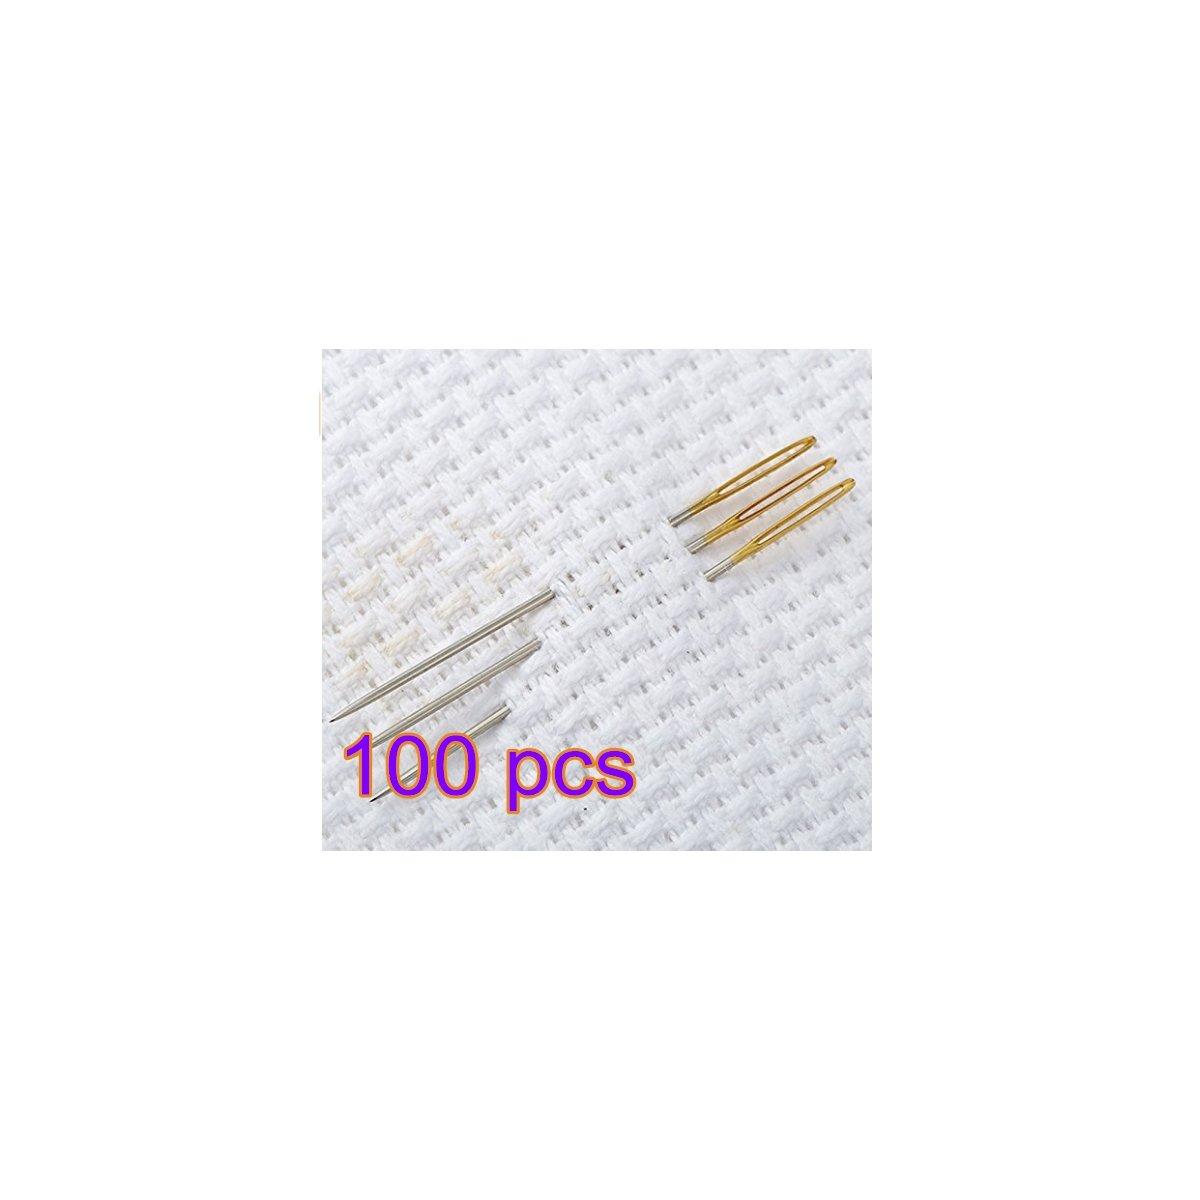 2700Lon acciaio aghi attrezzo manuale per punto croce ricamo accessori 100pcs